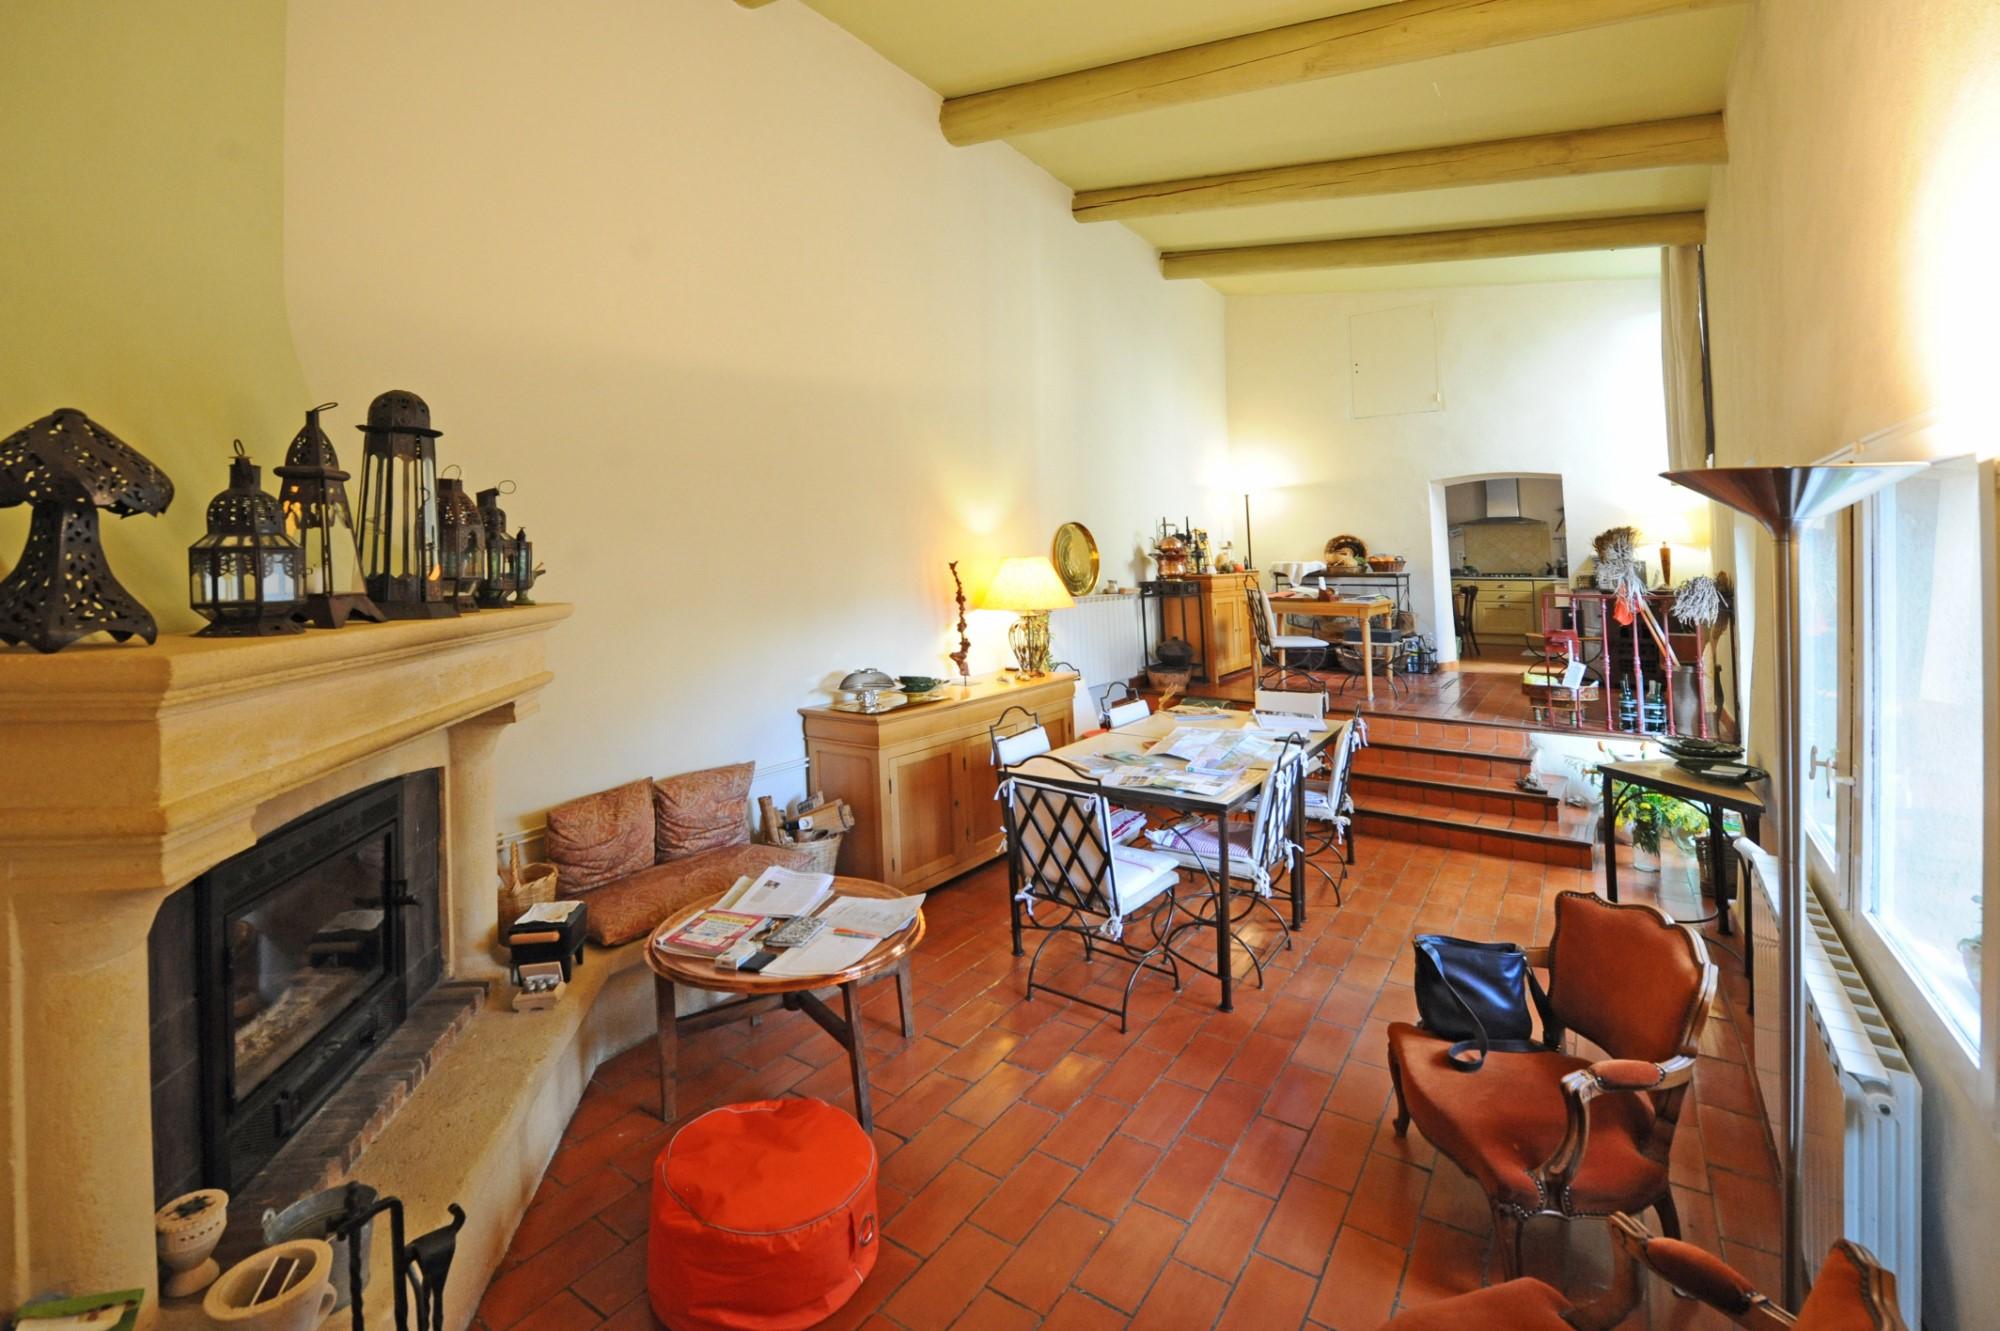 A vendre dans le Luberon, maison de hameau avec jardin